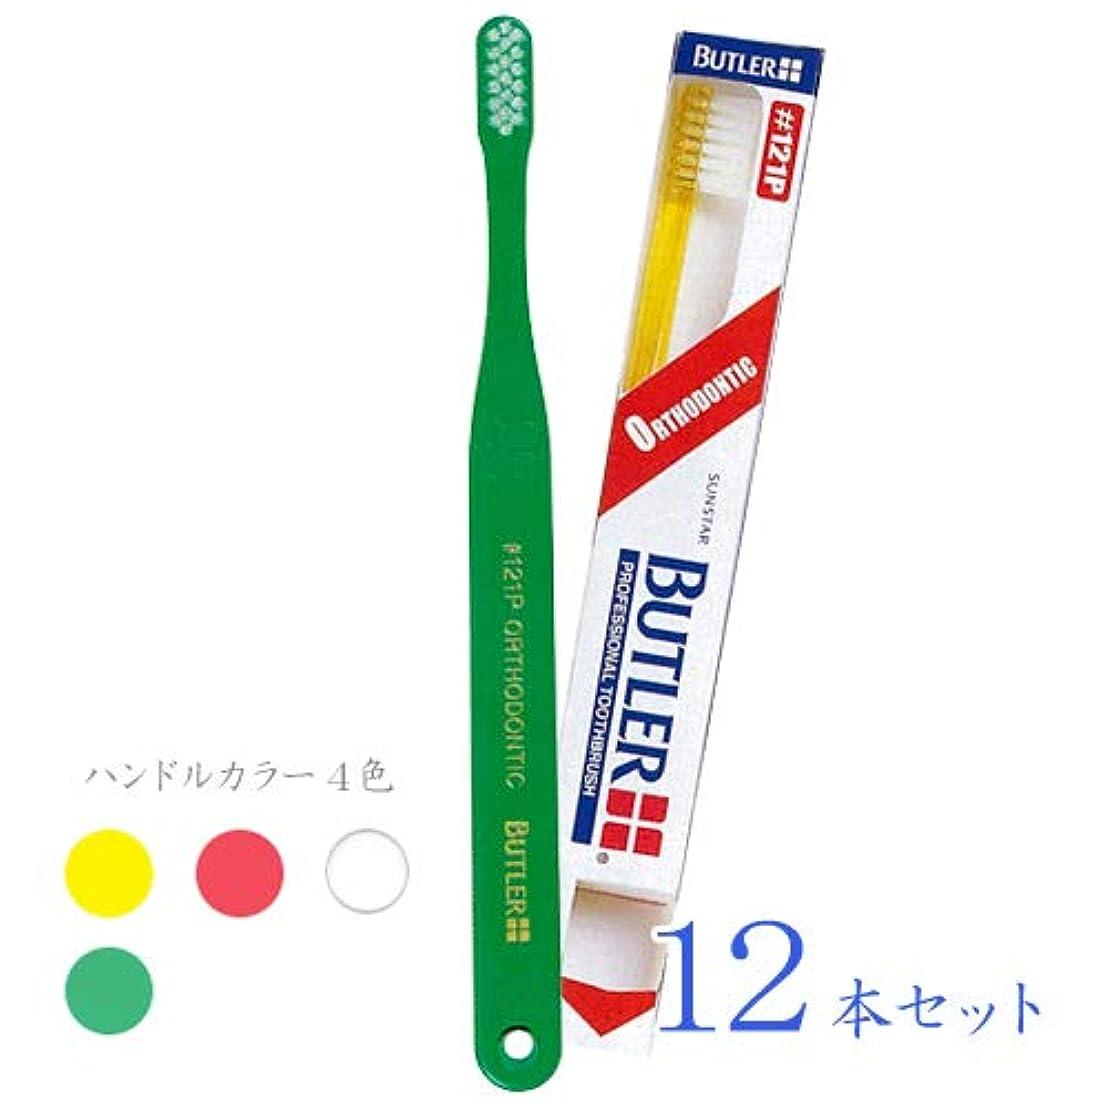 外向き振り返る医学バトラー 歯ブラシ #121P 12本入